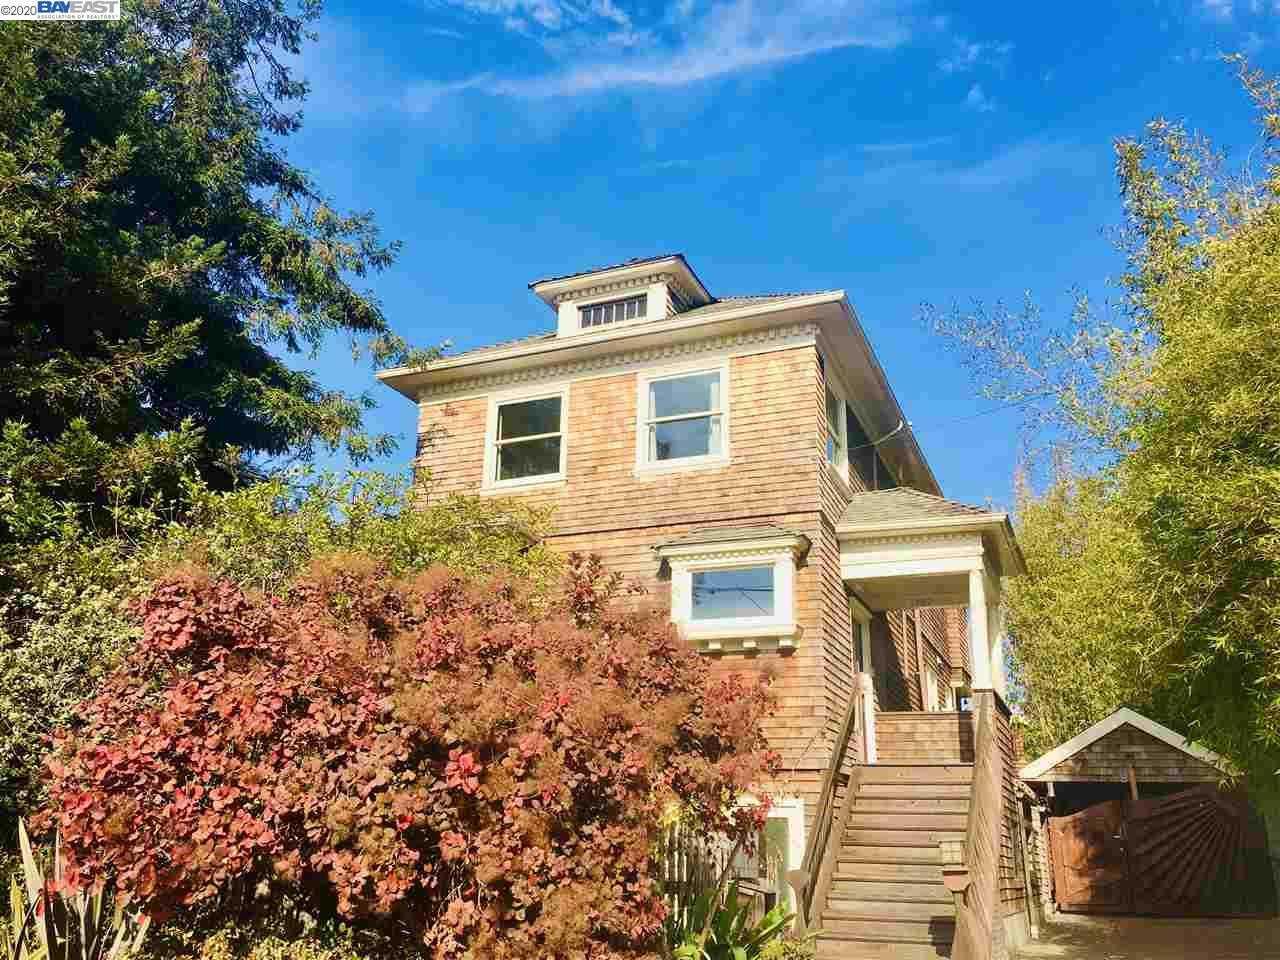 $2,600,000 - 5Br/3Ba -  for Sale in Berkeley, Berkeley